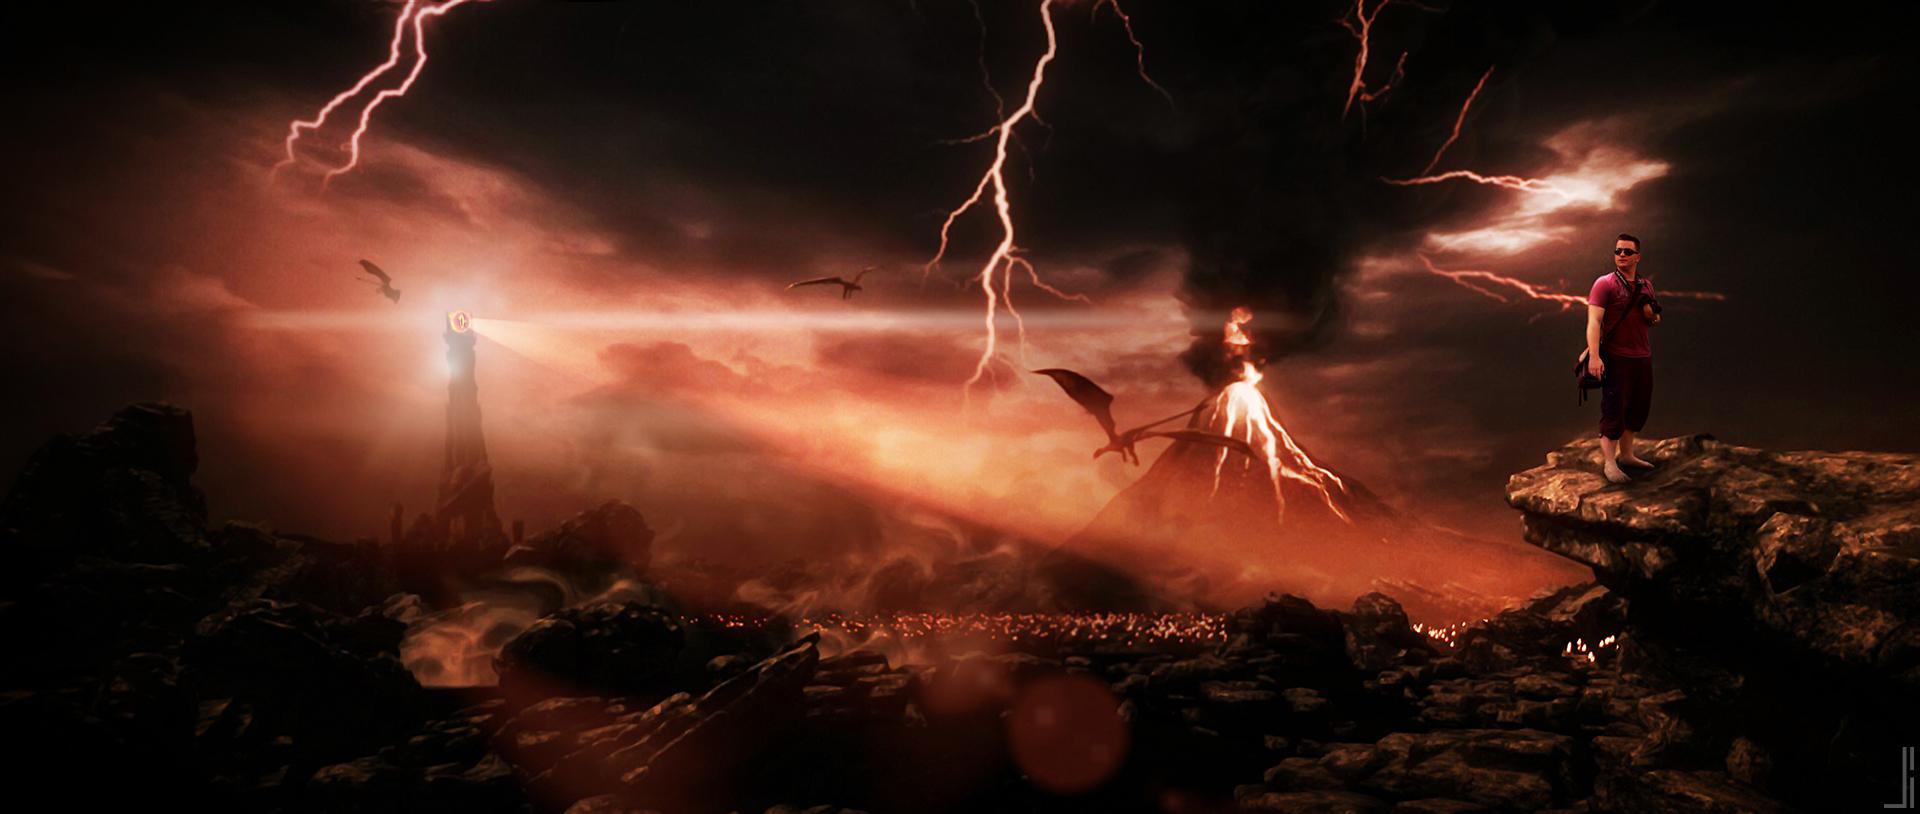 Fotobewerking-jbax-Joris-Bax-Mordor-Na.jpg